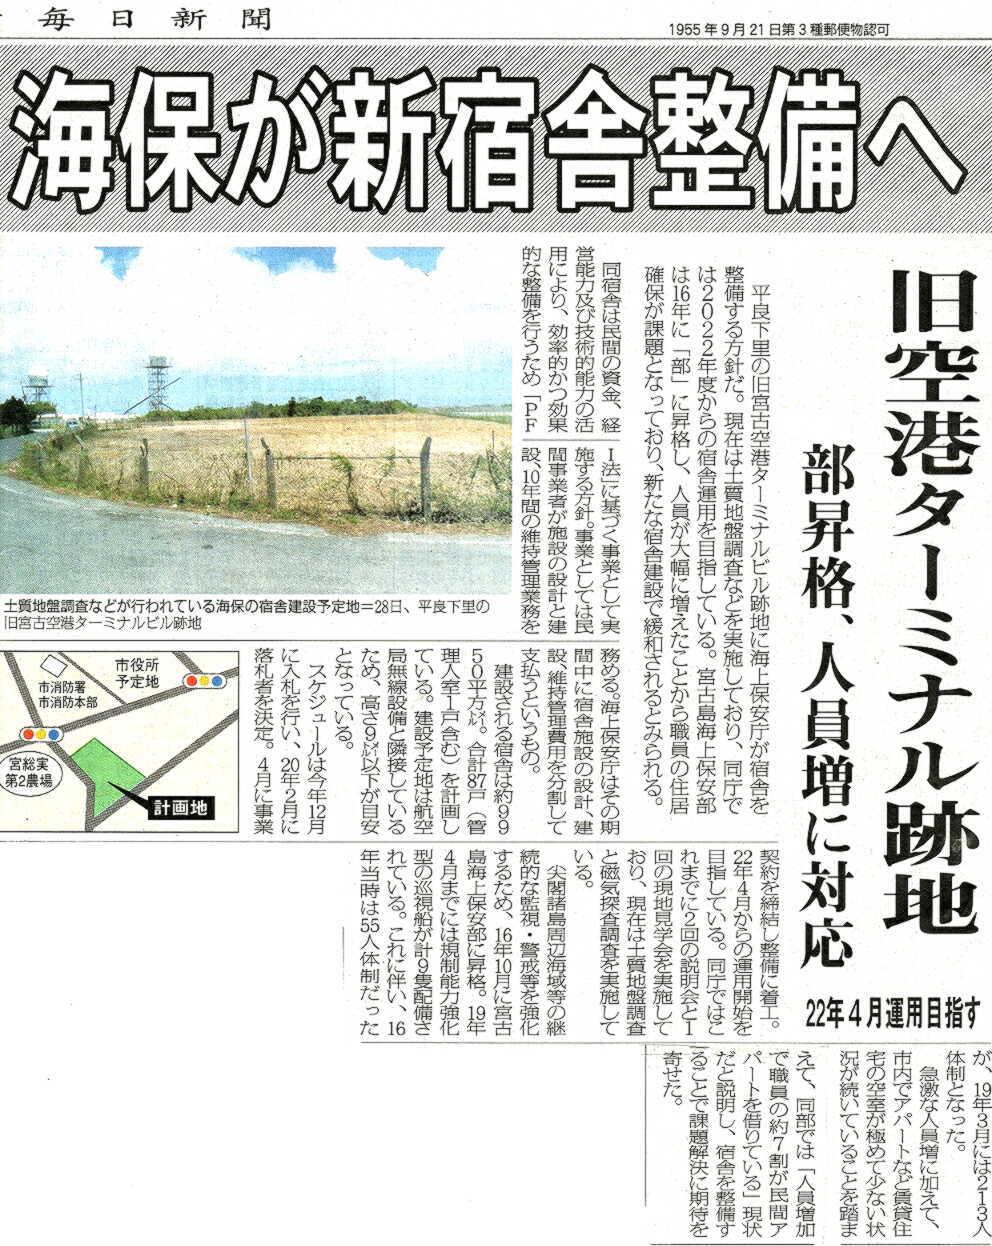 miyakomainichi2019 08292